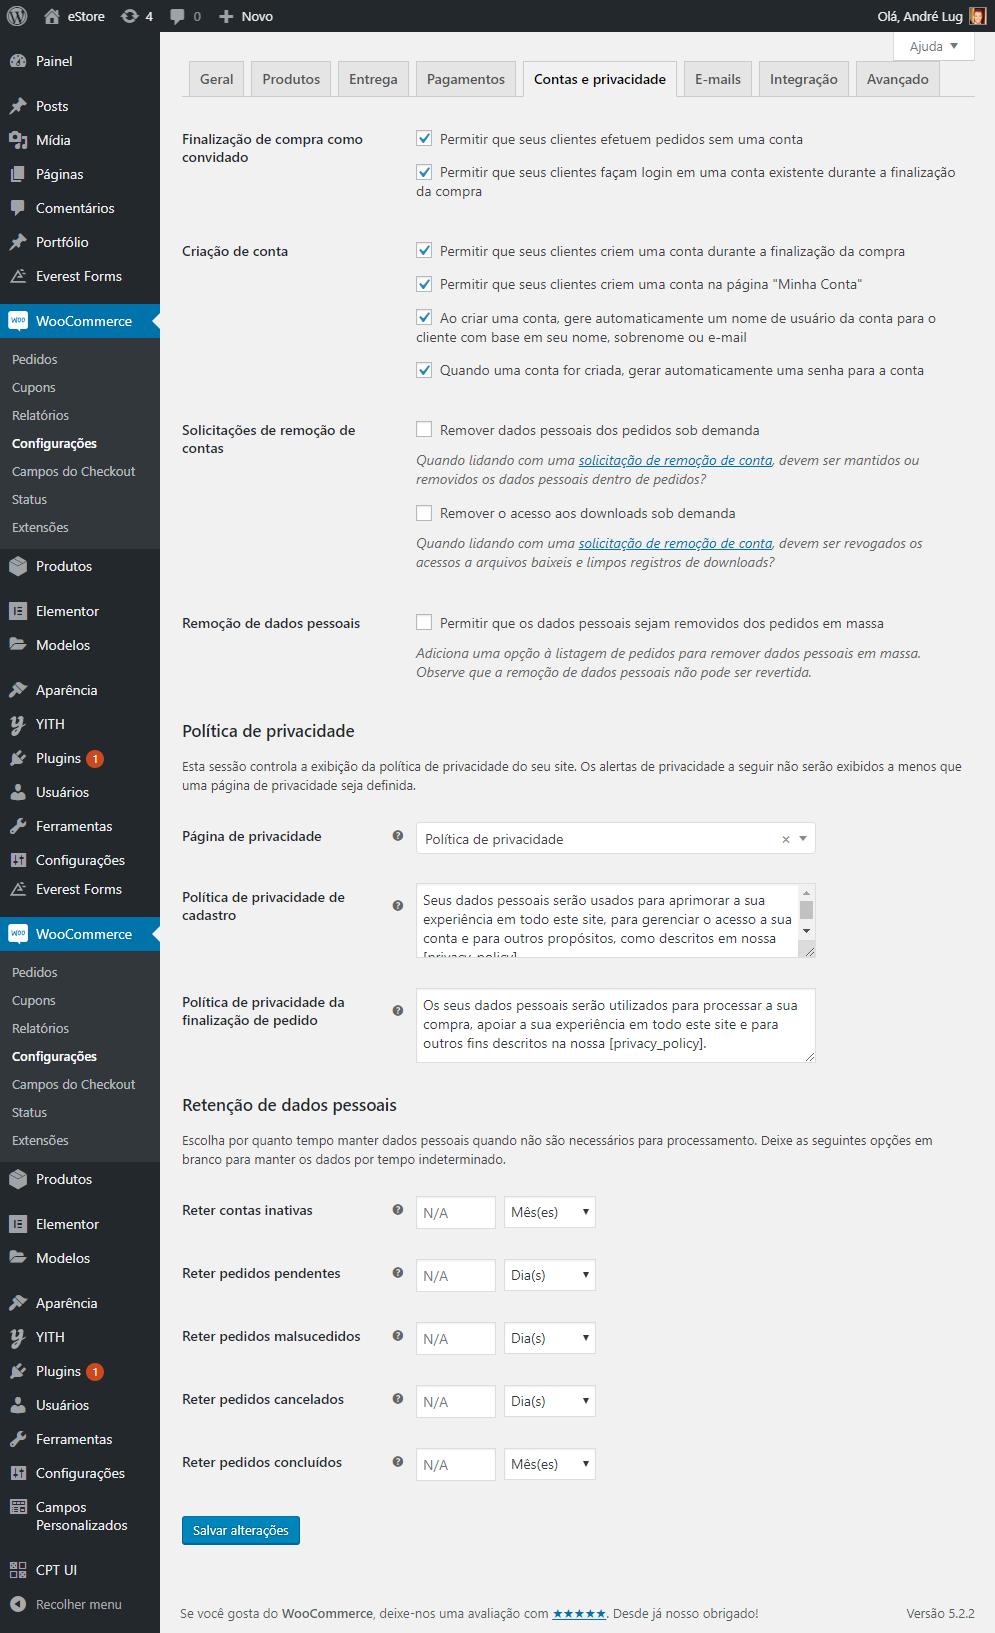 Configurações de conta e privacidade no WooCommerce